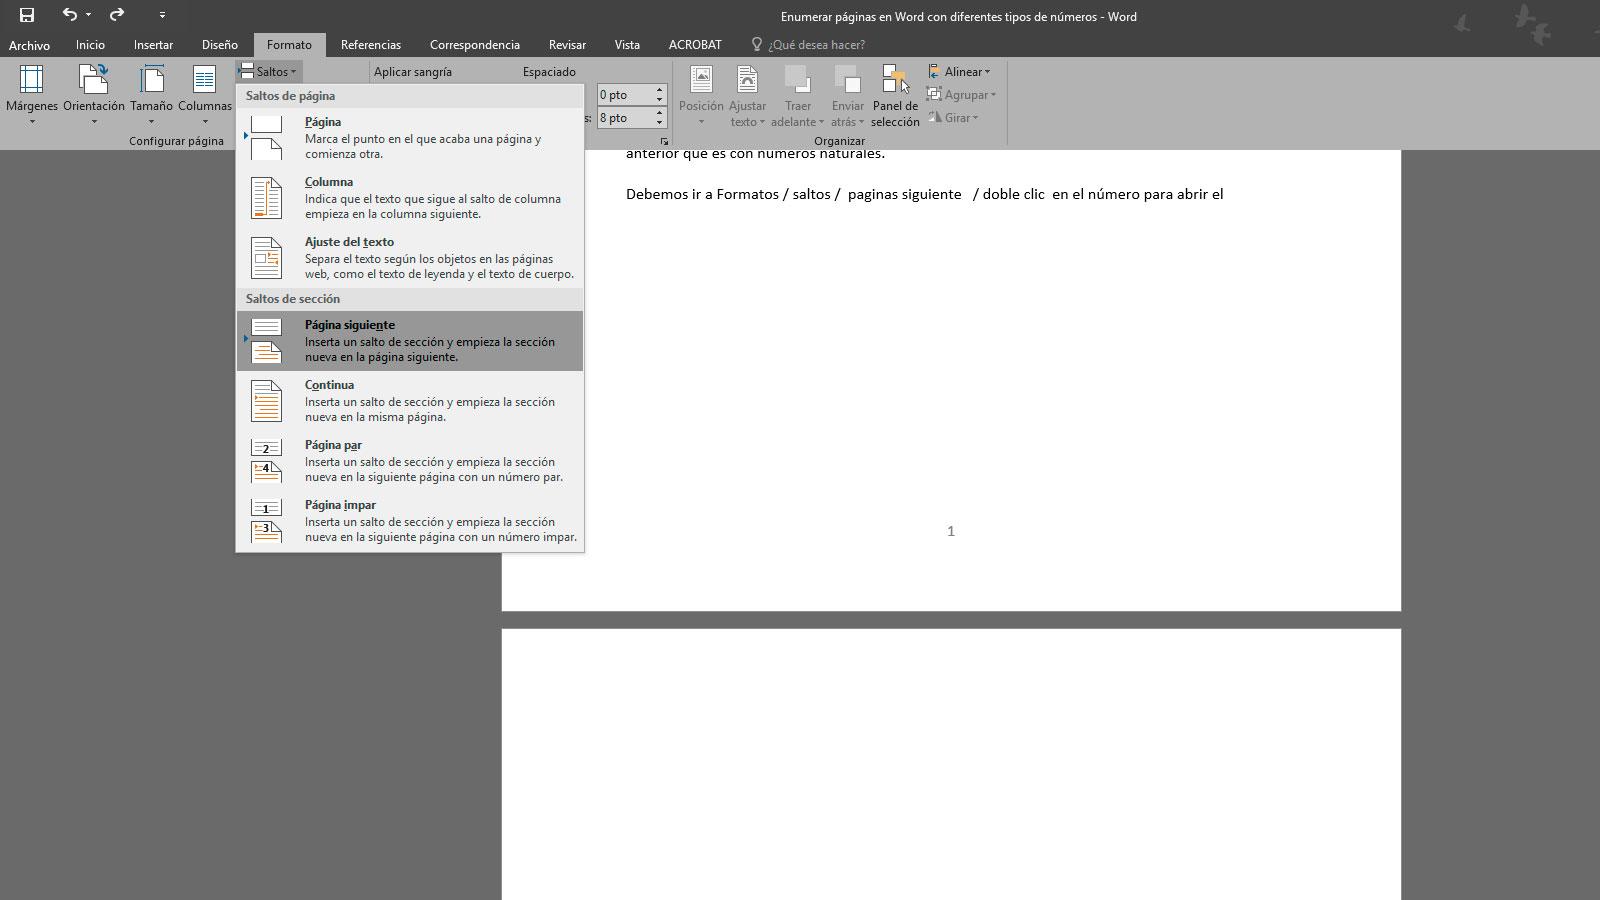 Enumerar Páginas En Word Con Diferentes Tipos De Números Escape